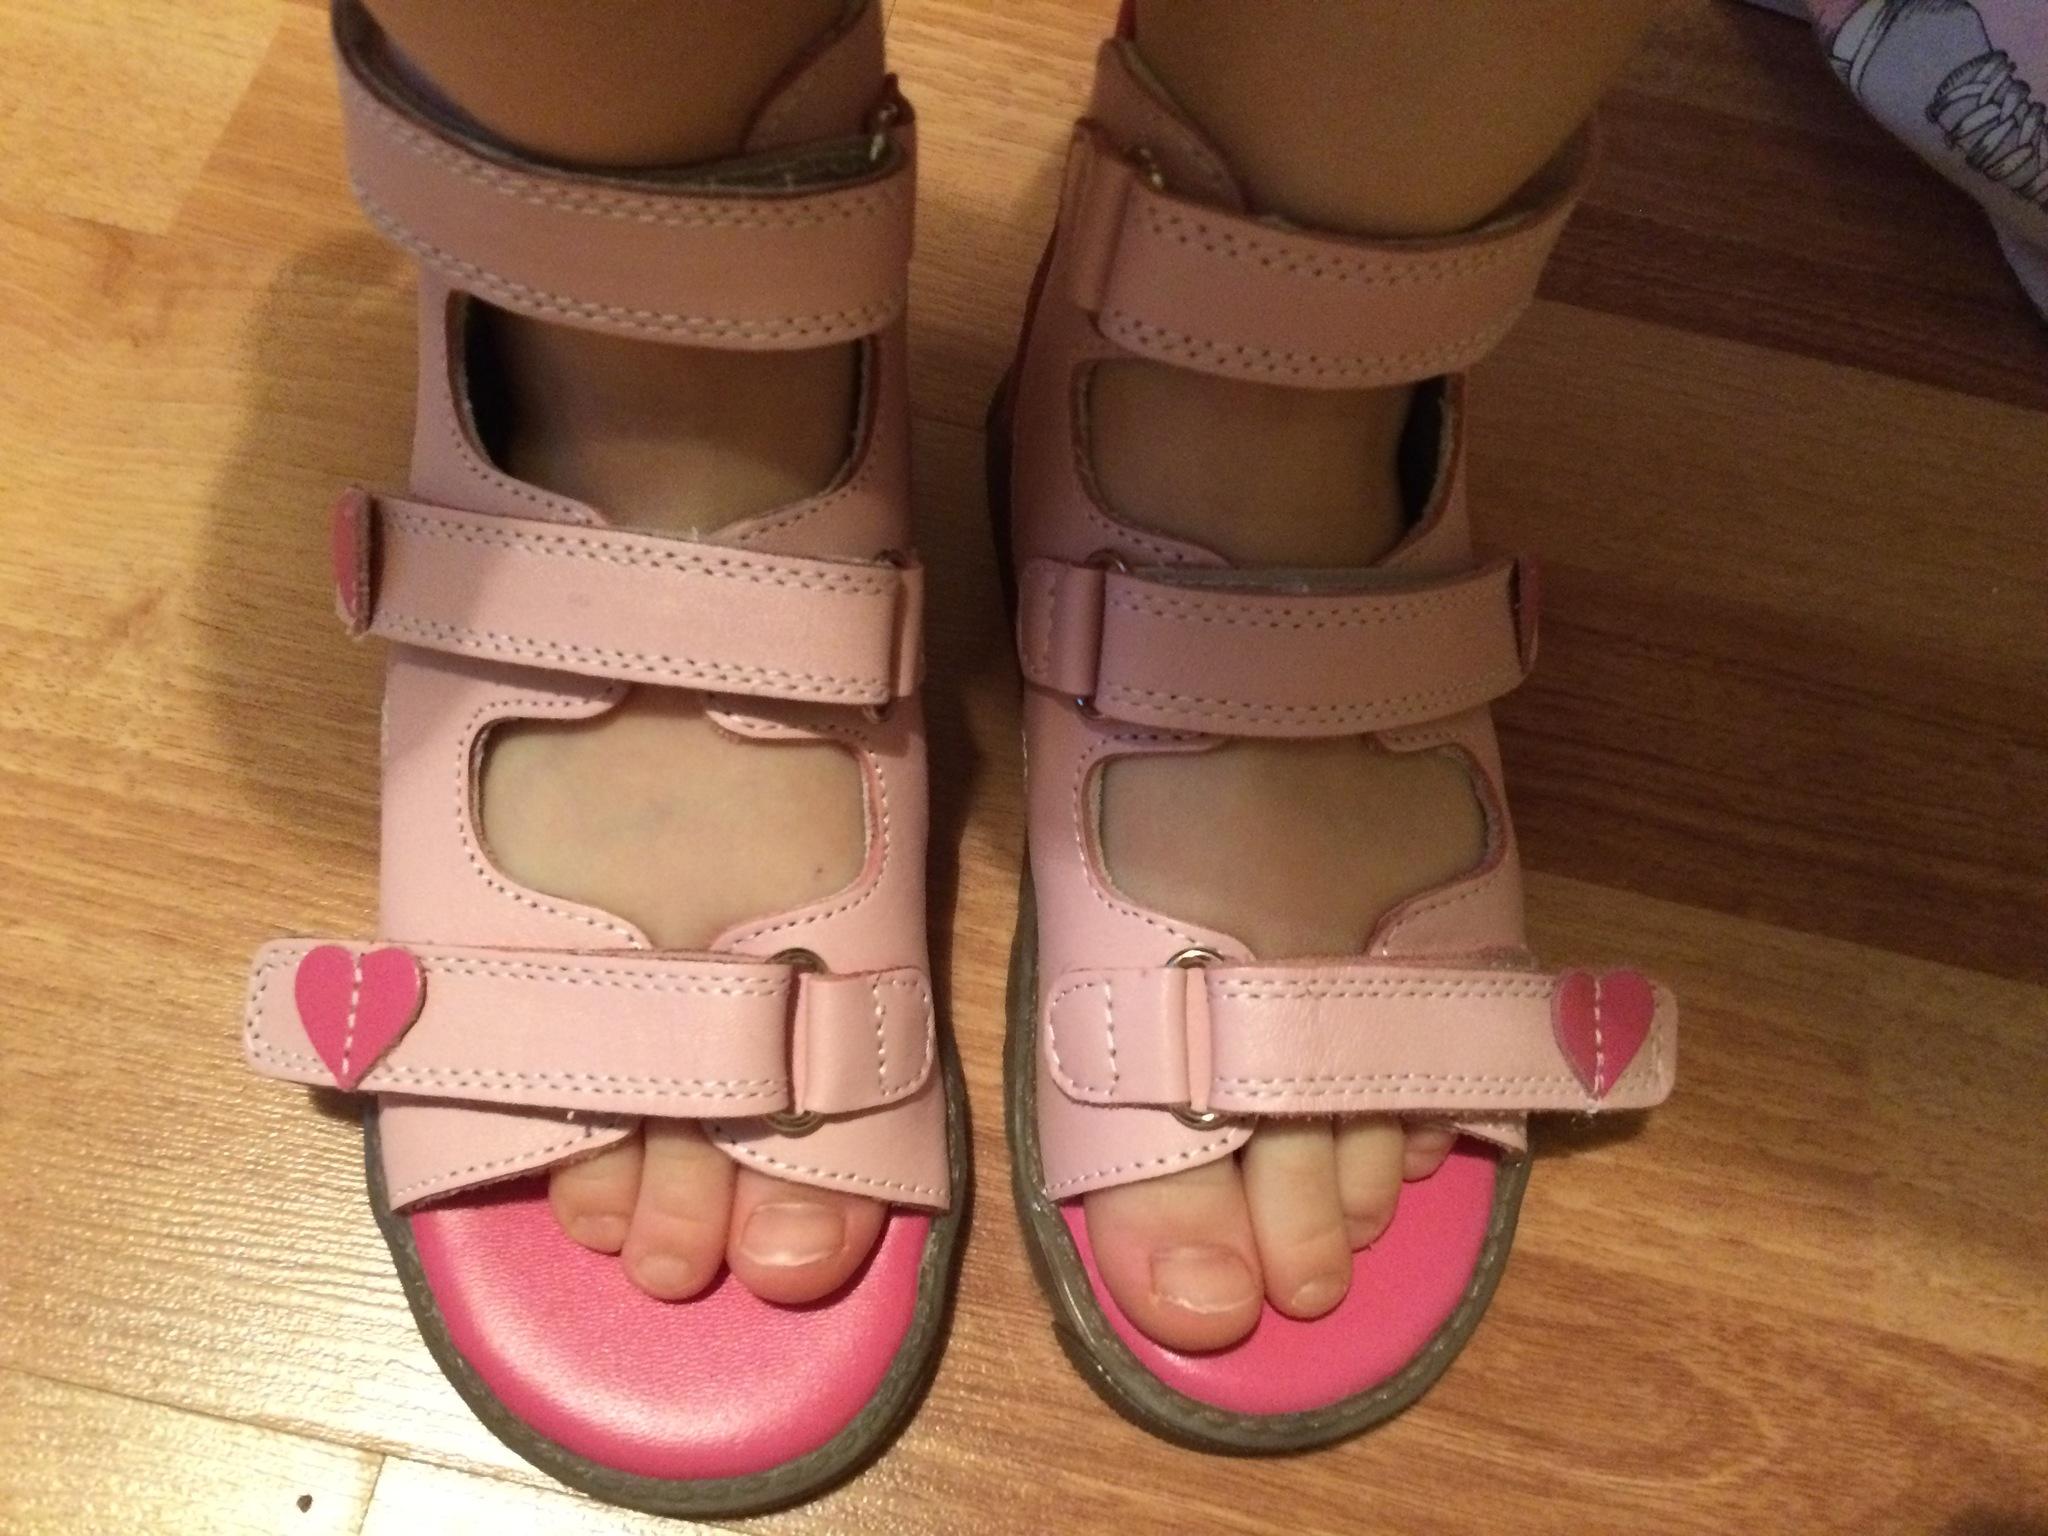 af4e787fe Про меньший размер продавец сказала, что нам их месяца на три хватит.  Единственное - большие пальцы на ногах у дочки длинные. Какие выбирать?